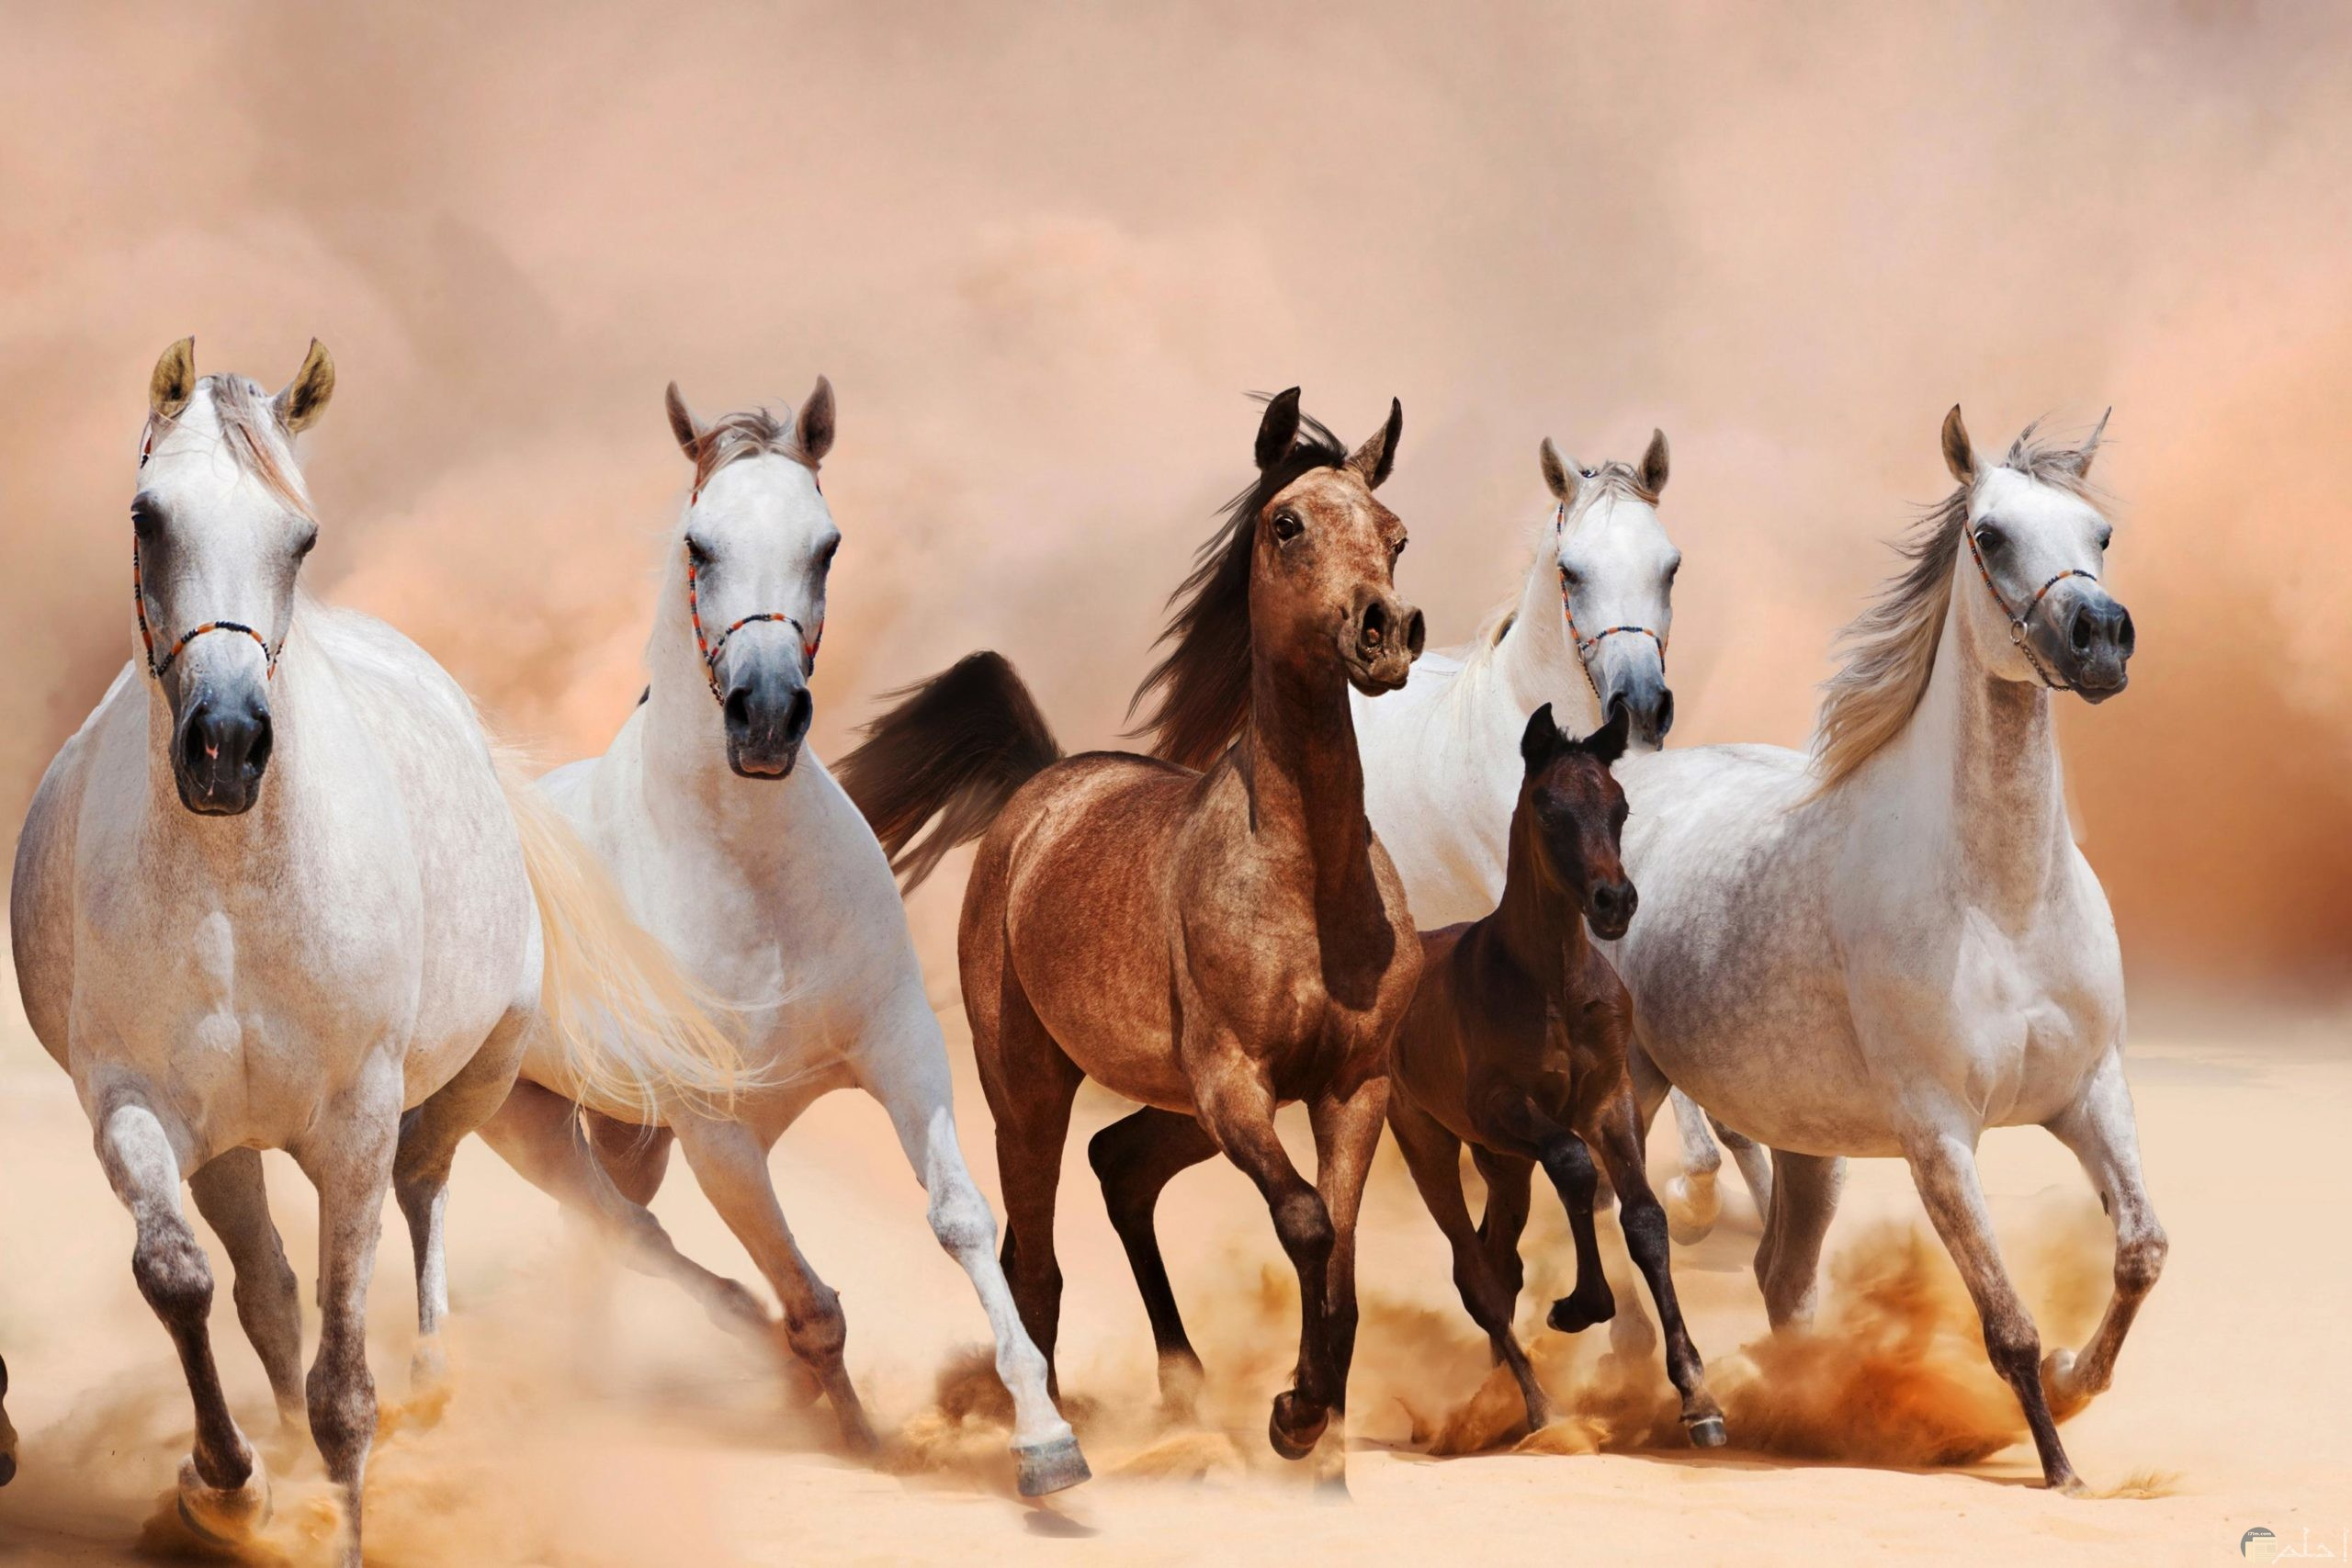 الخيل العربي في الصحراء.